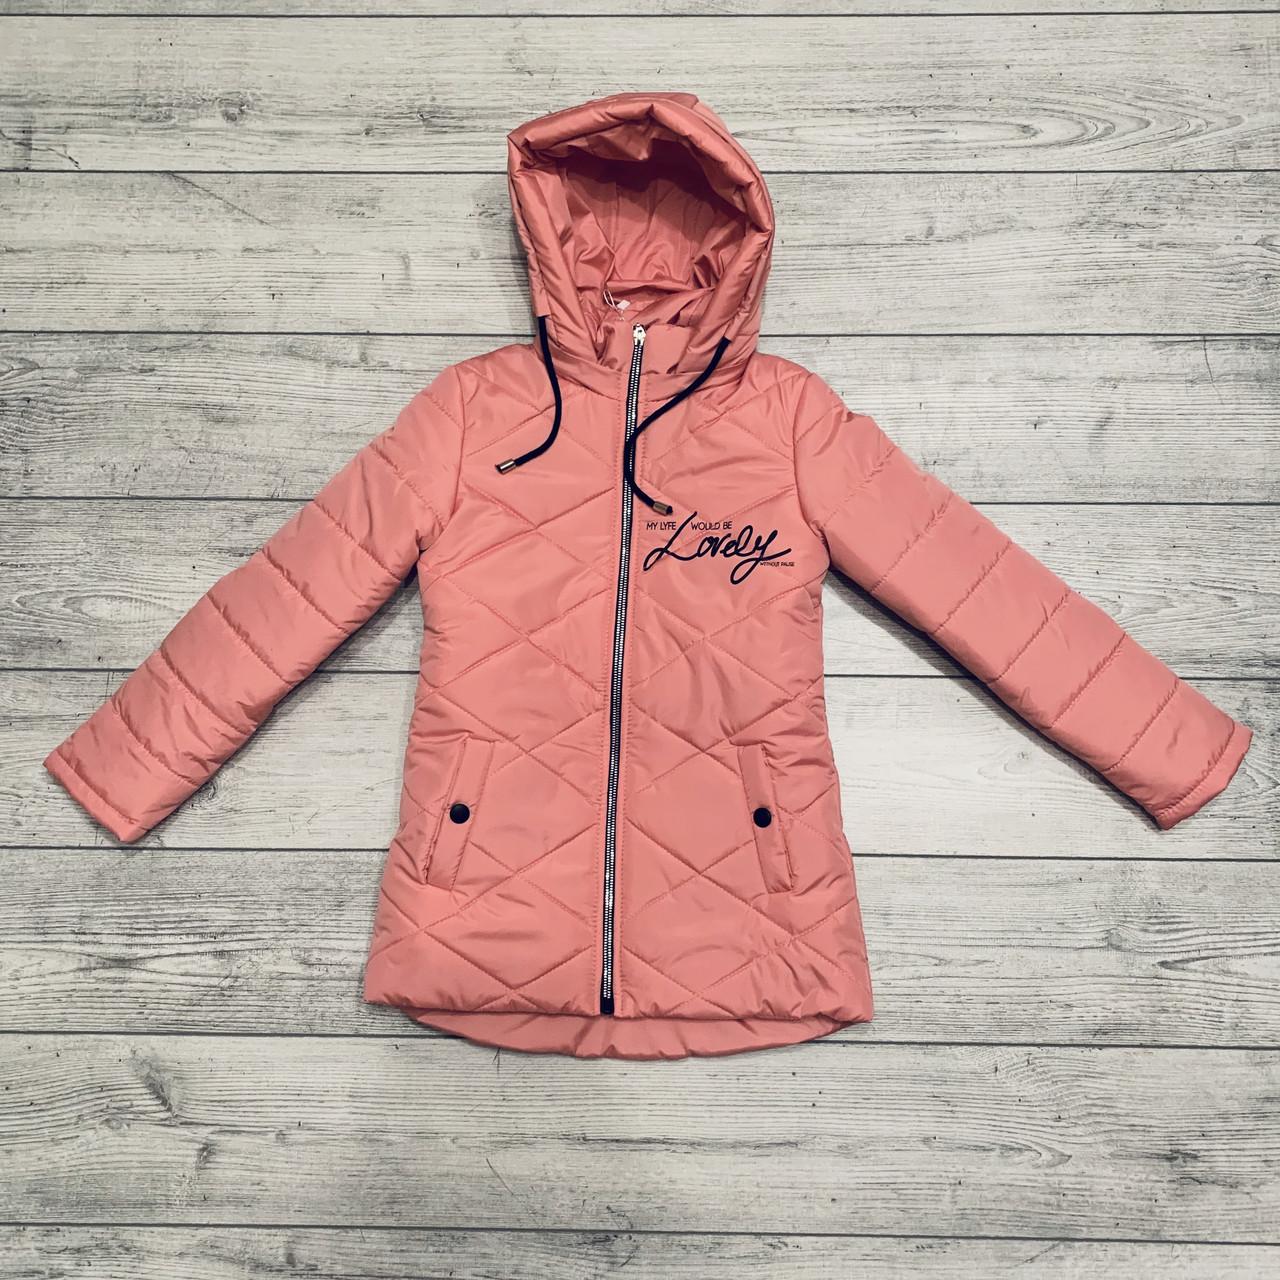 Весенняя куртка на девочку размеры 140-158, коллекция Весна 2019 розовой цвет